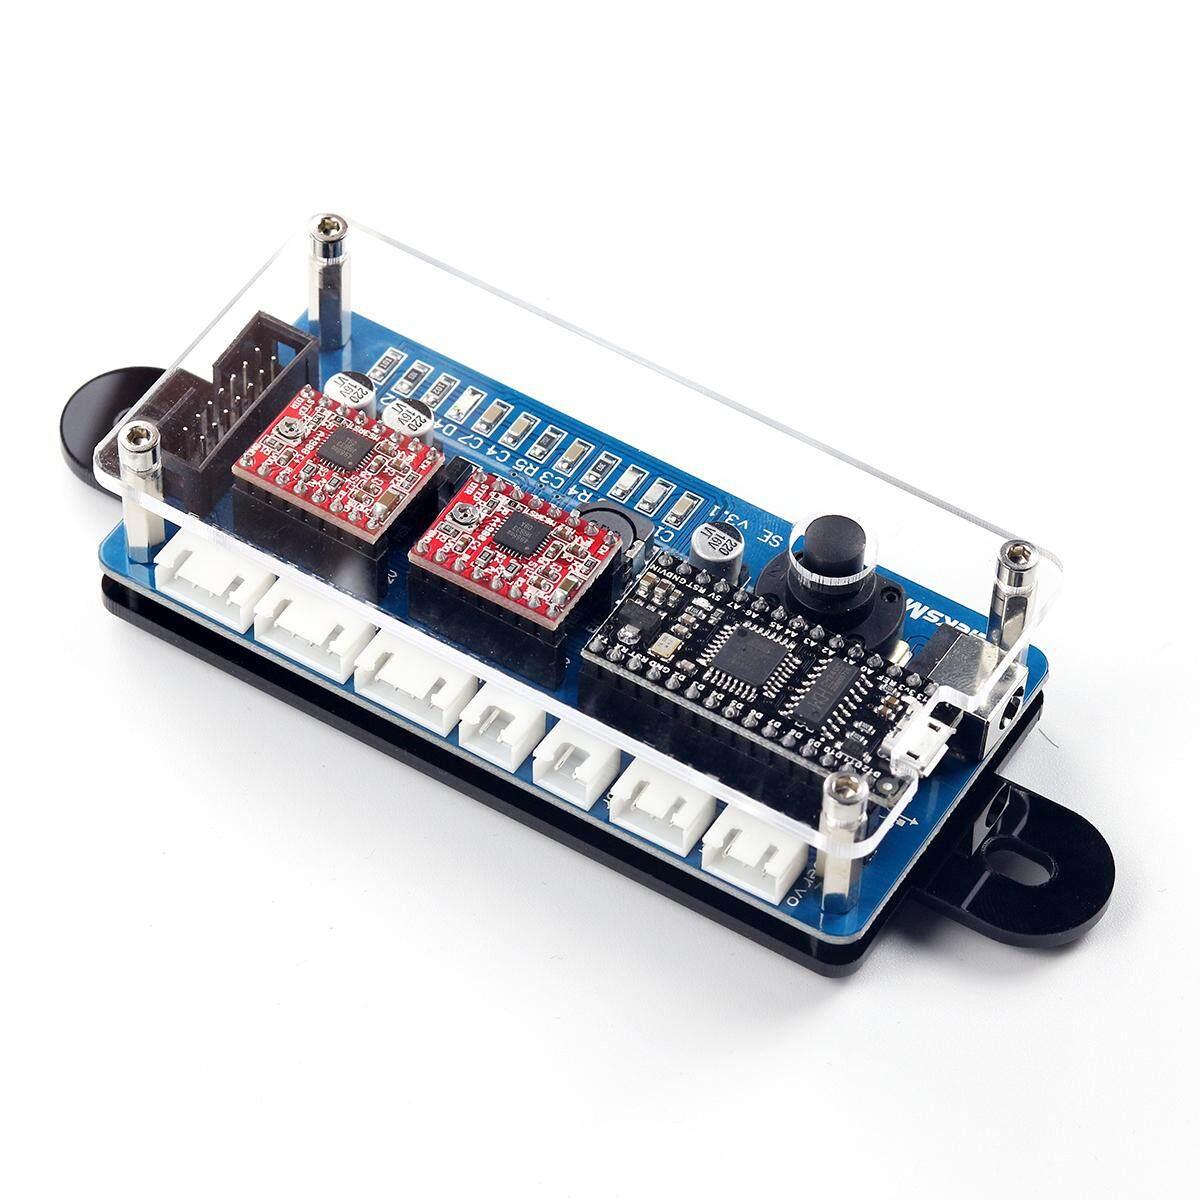 Giá EleksMaker New ManaSE 2 Axis Stepper Motor Driver Laser Controller Board DIY Engraver